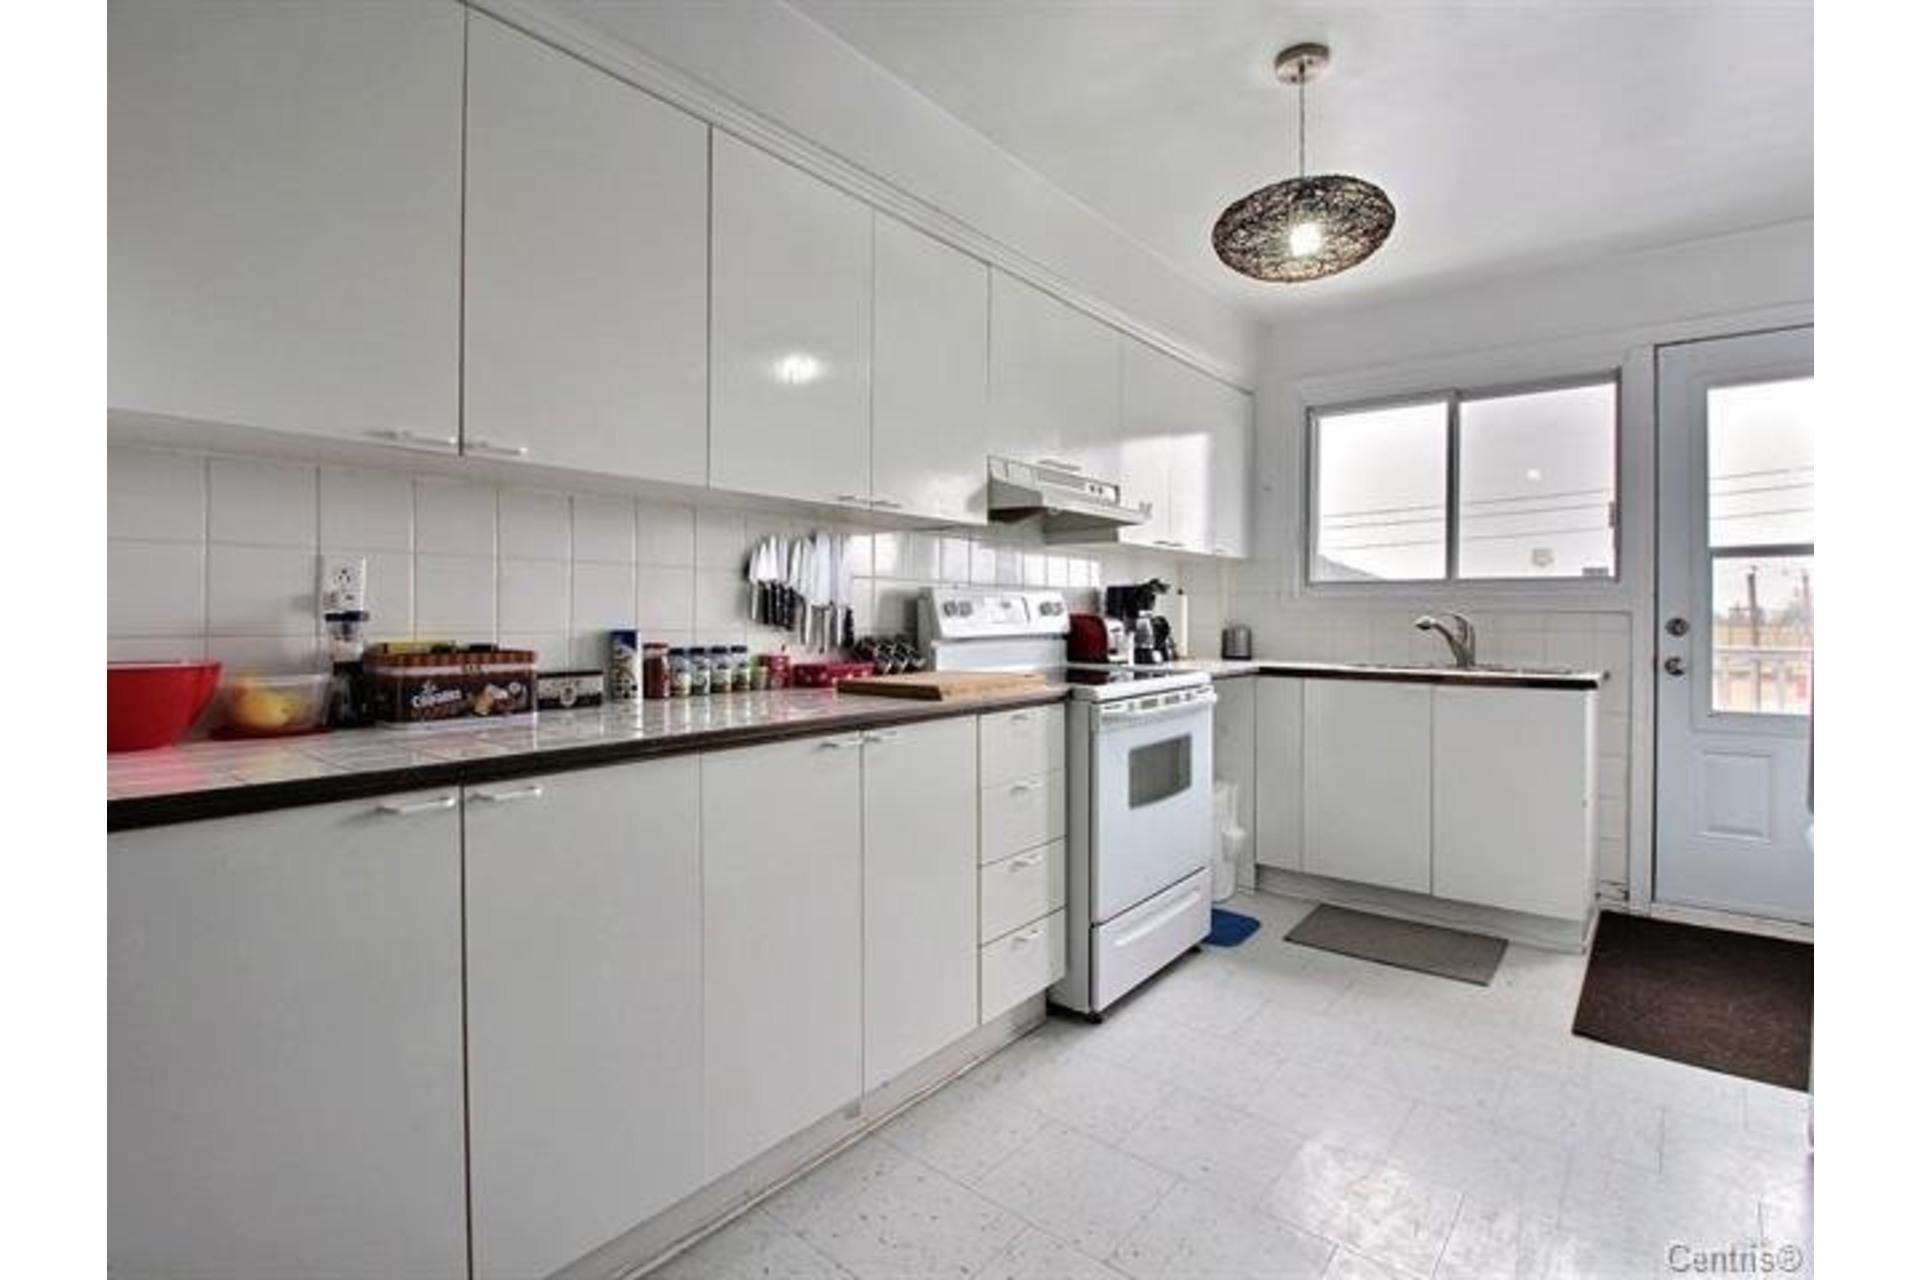 image 7 - Apartment For rent Montréal Mercier/Hochelaga-Maisonneuve  - 7 rooms